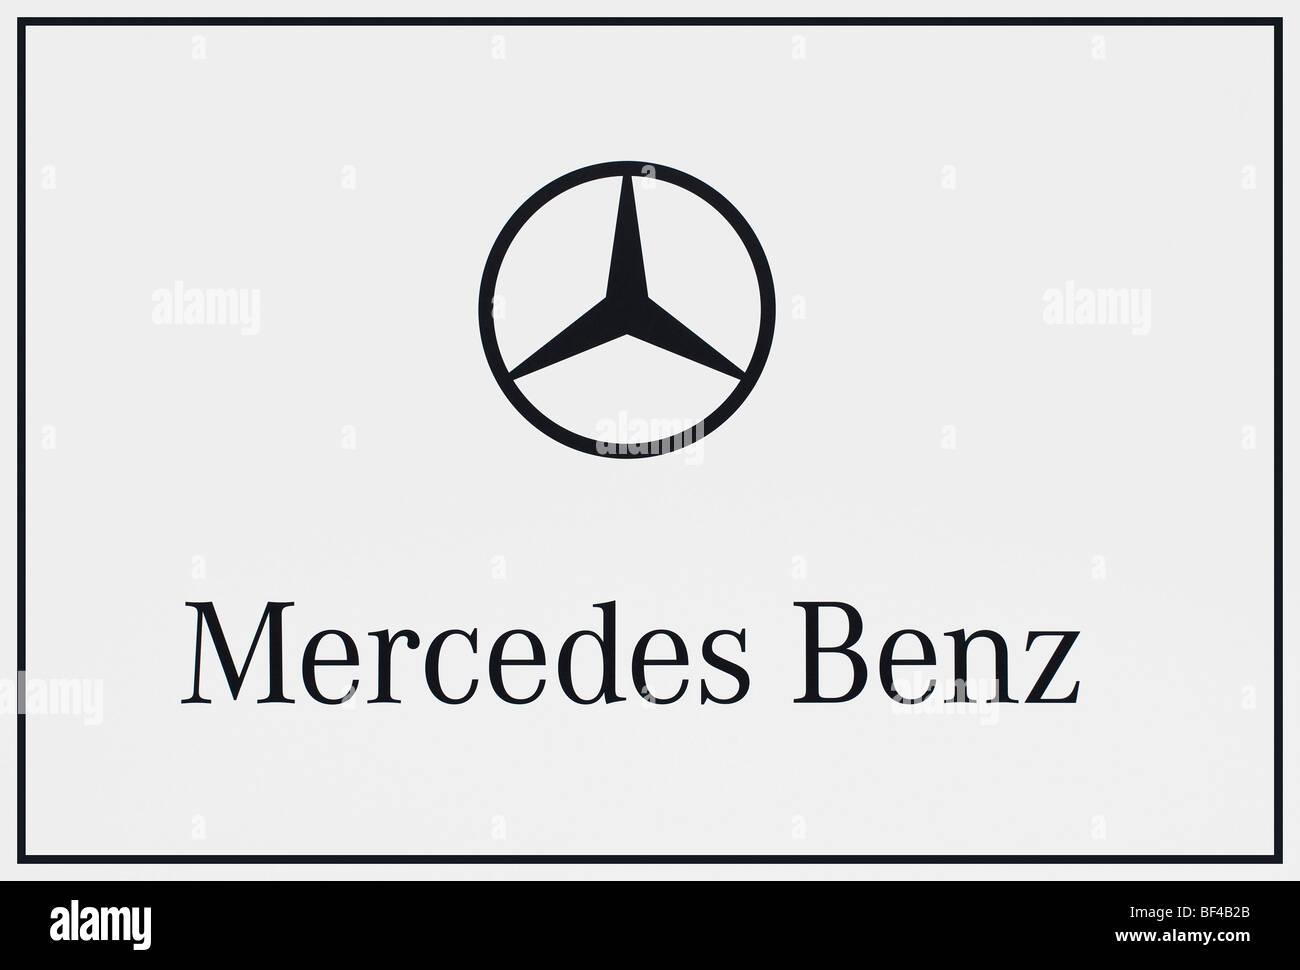 Mercedes Benz logo, Daimler AG - Stock Image